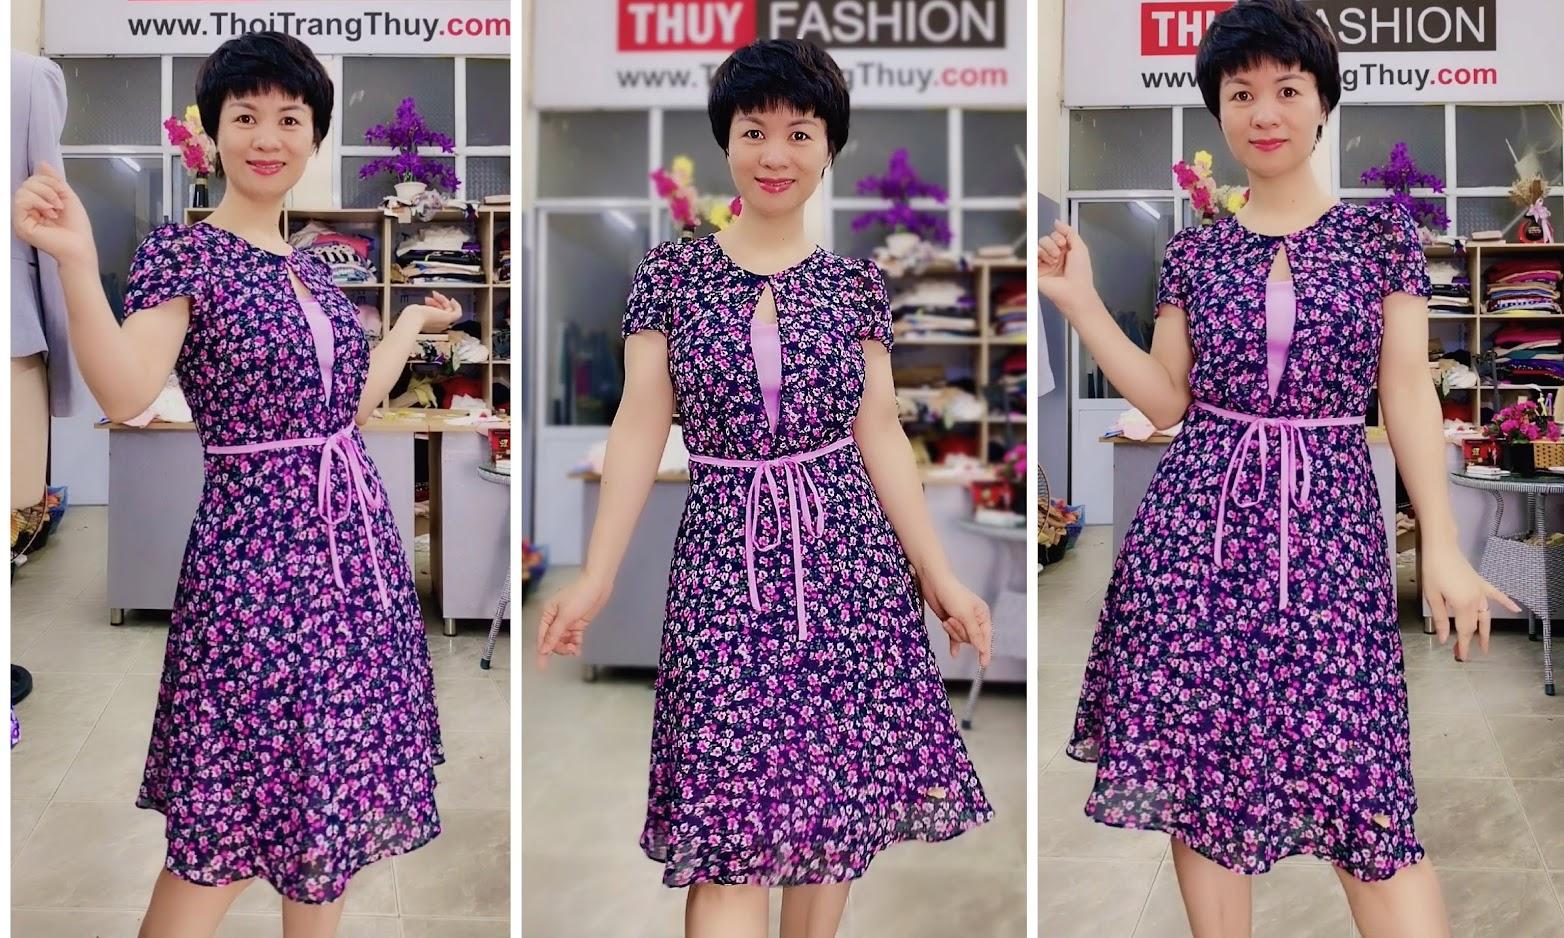 Váy xòe cổ tròn họa tiết hoa màu tím V727 thời trang thủy